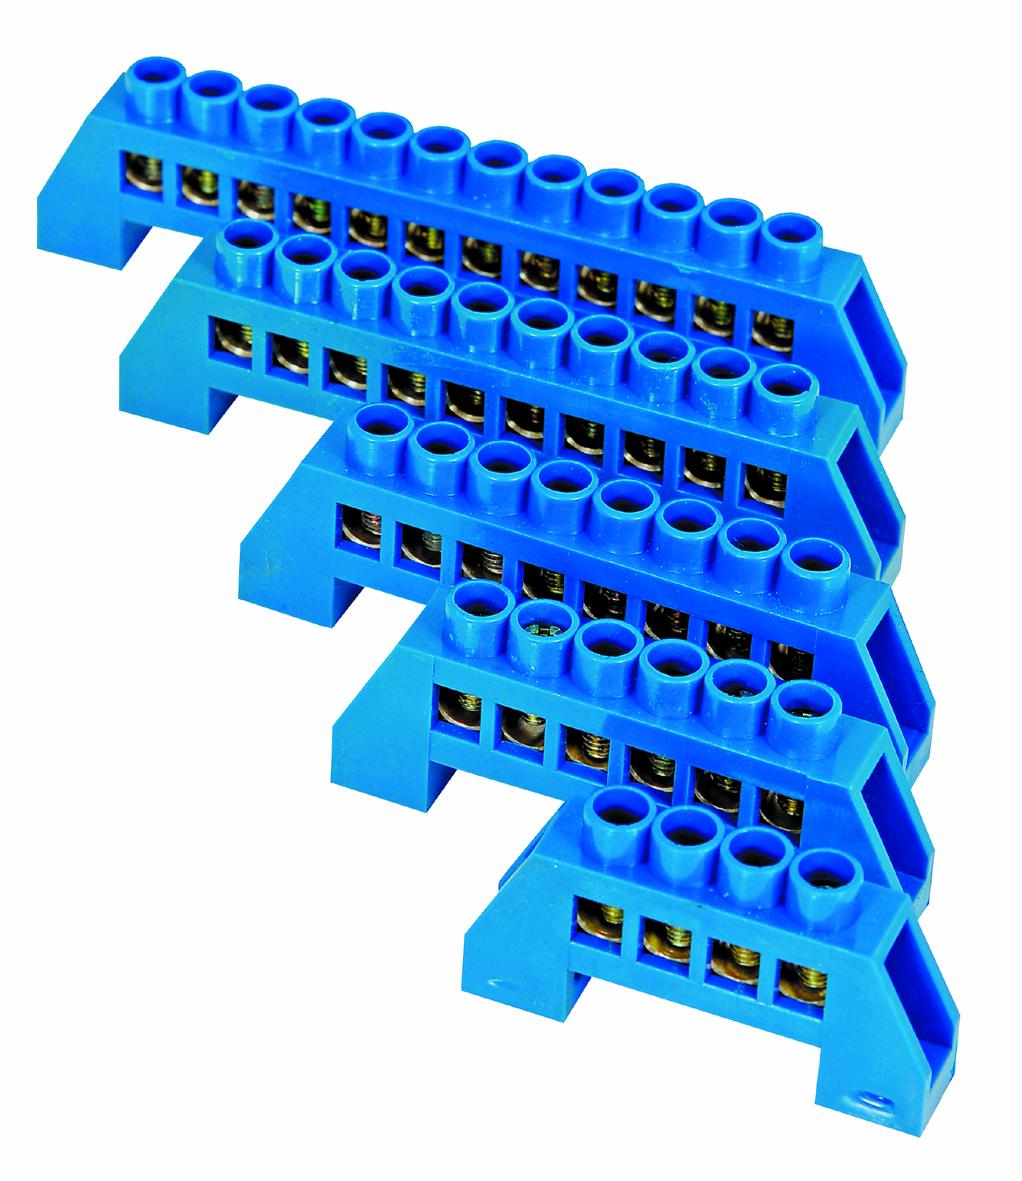 TERMINAL BLOCK 8X12 4 WAY BLUE